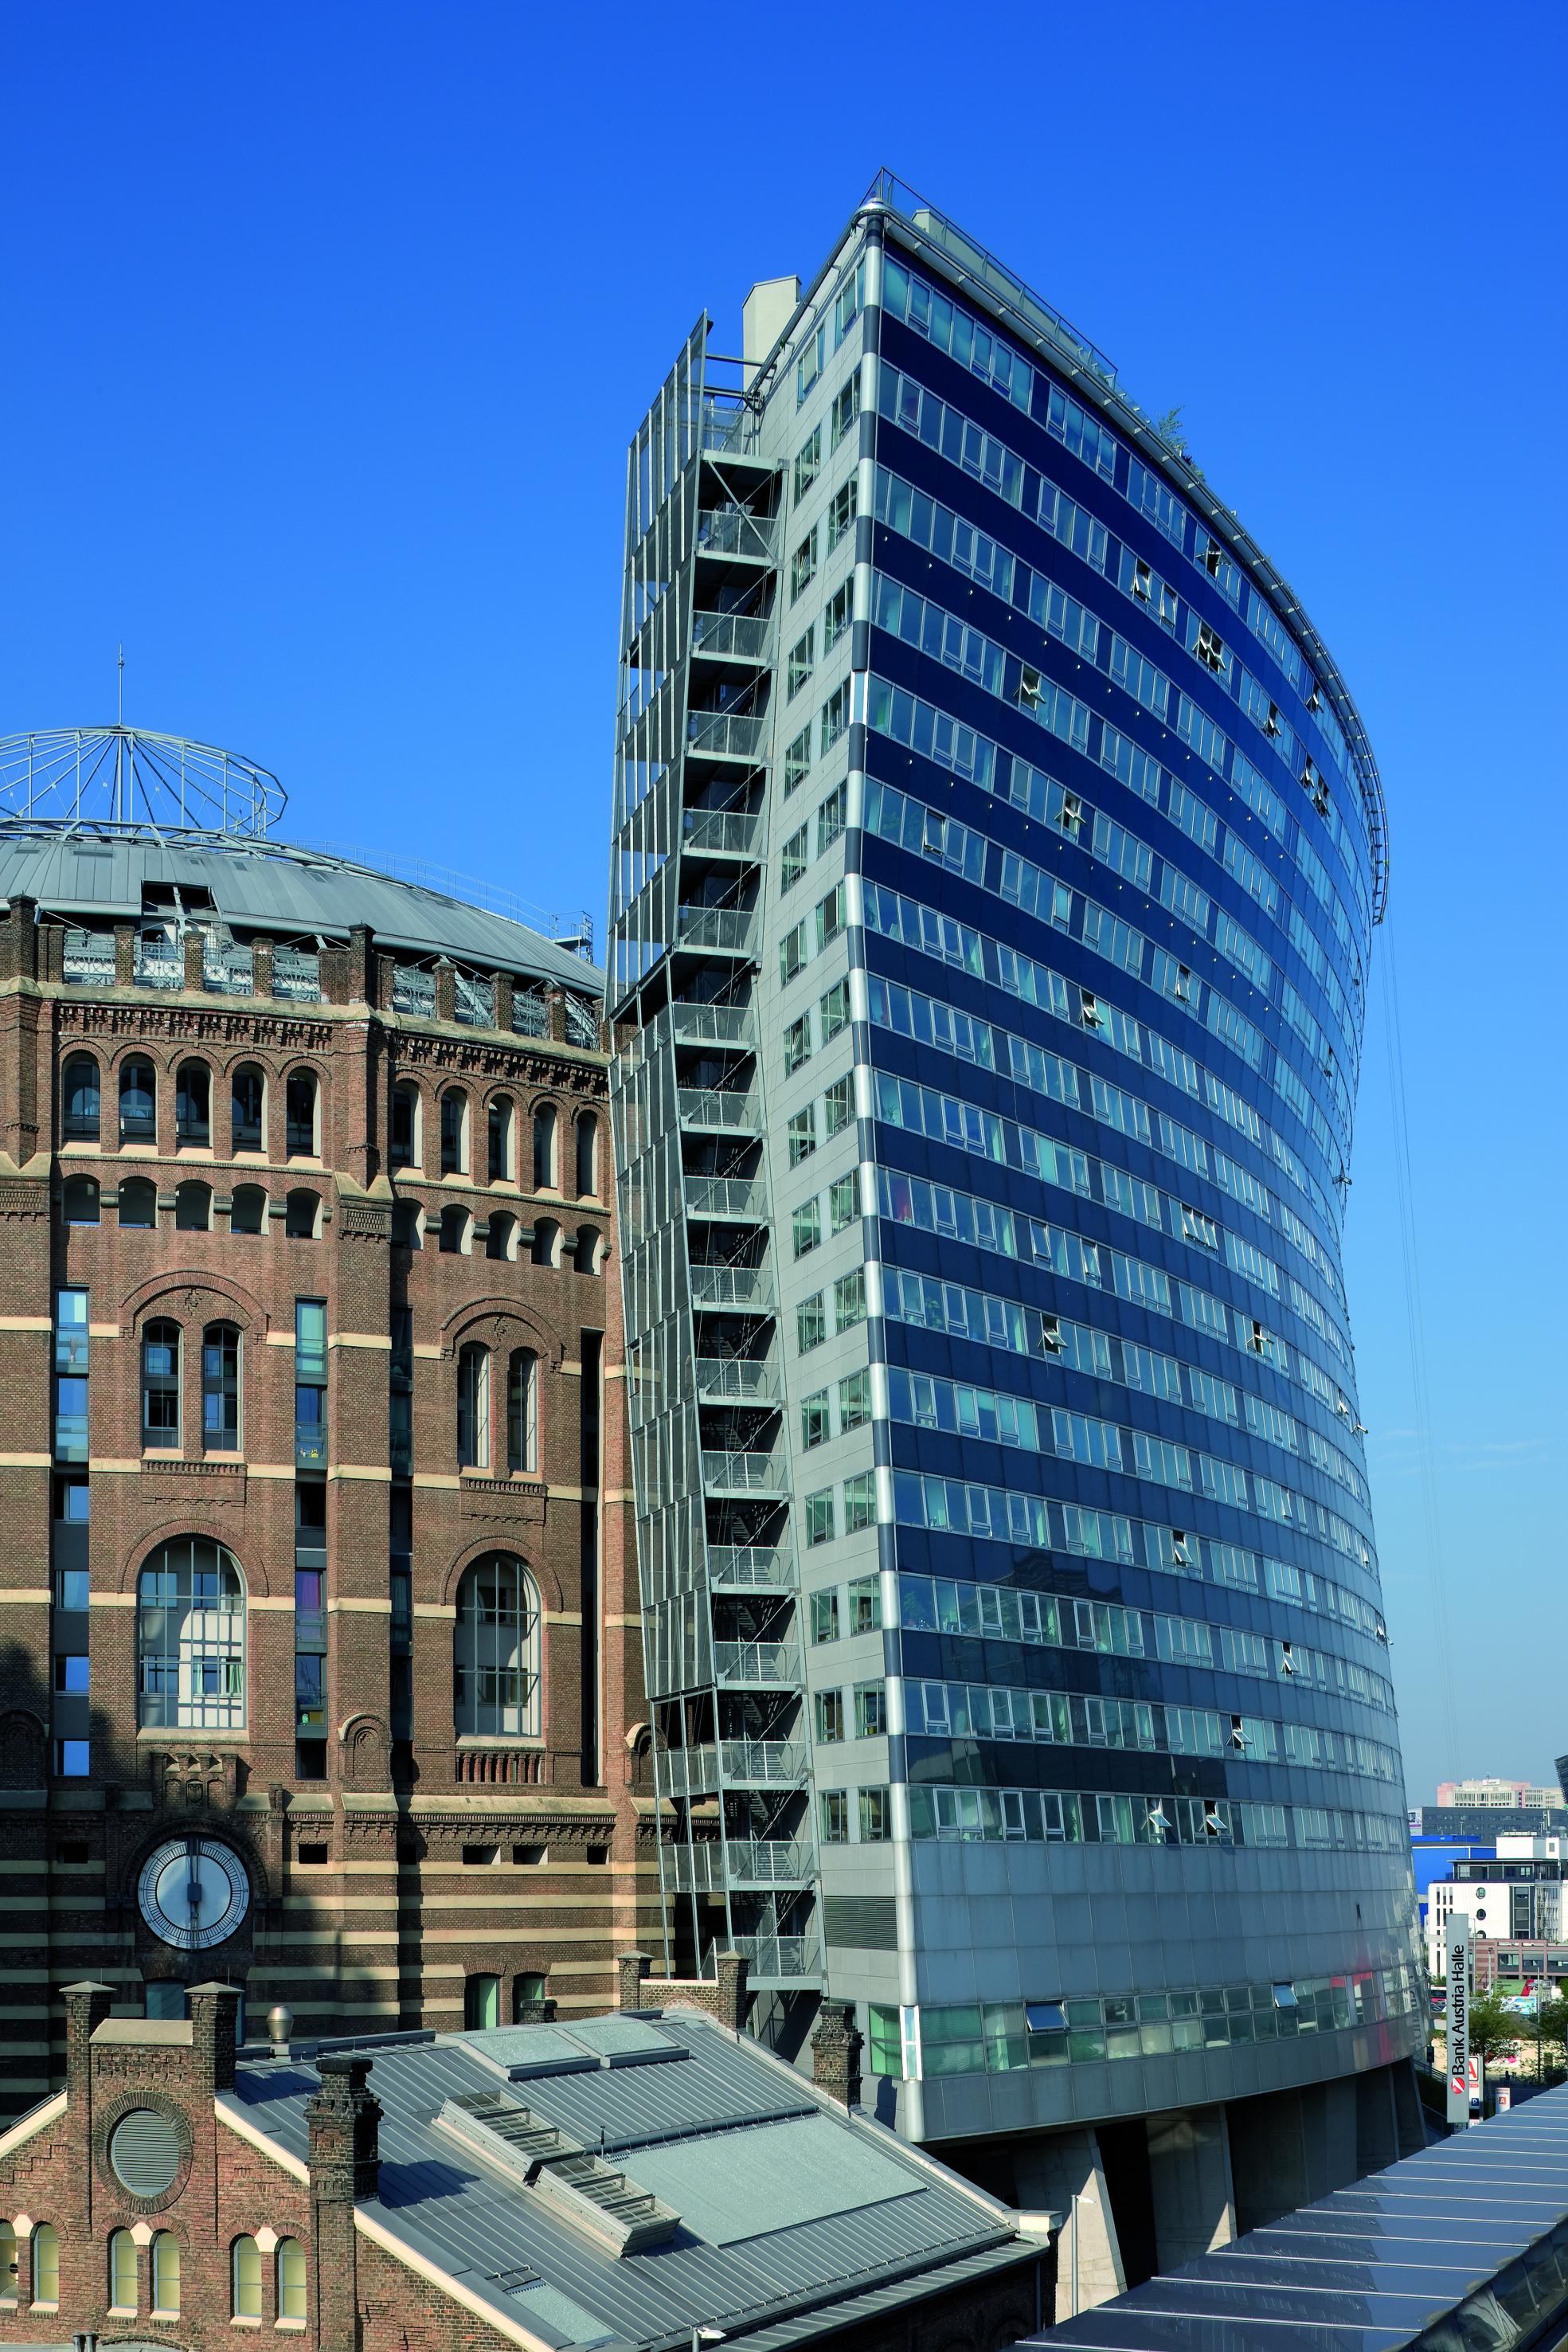 modern architecture in austria - Modern Architecture Vienna